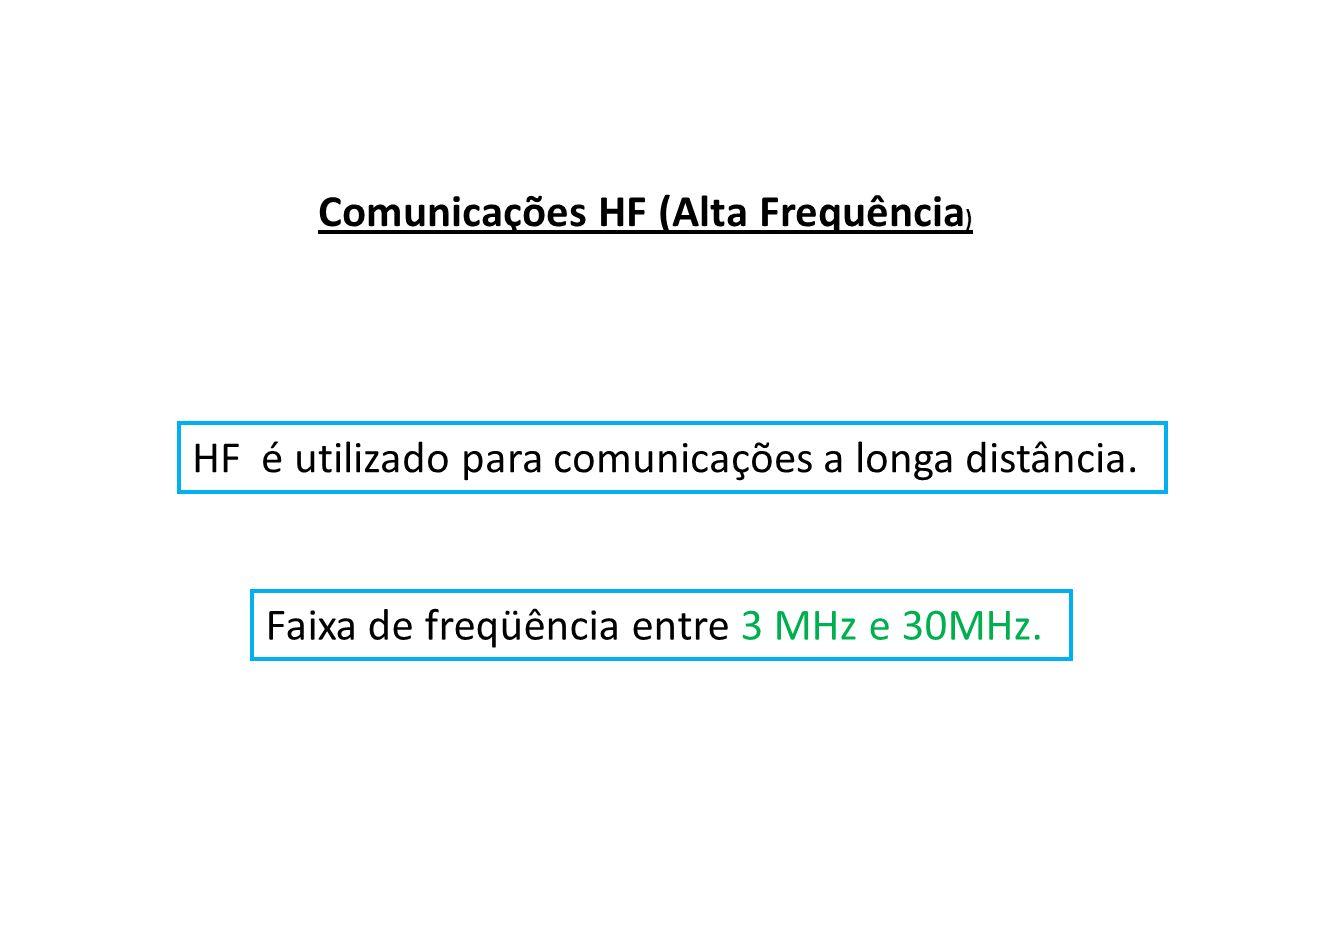 Comunicações HF (Alta Frequência)